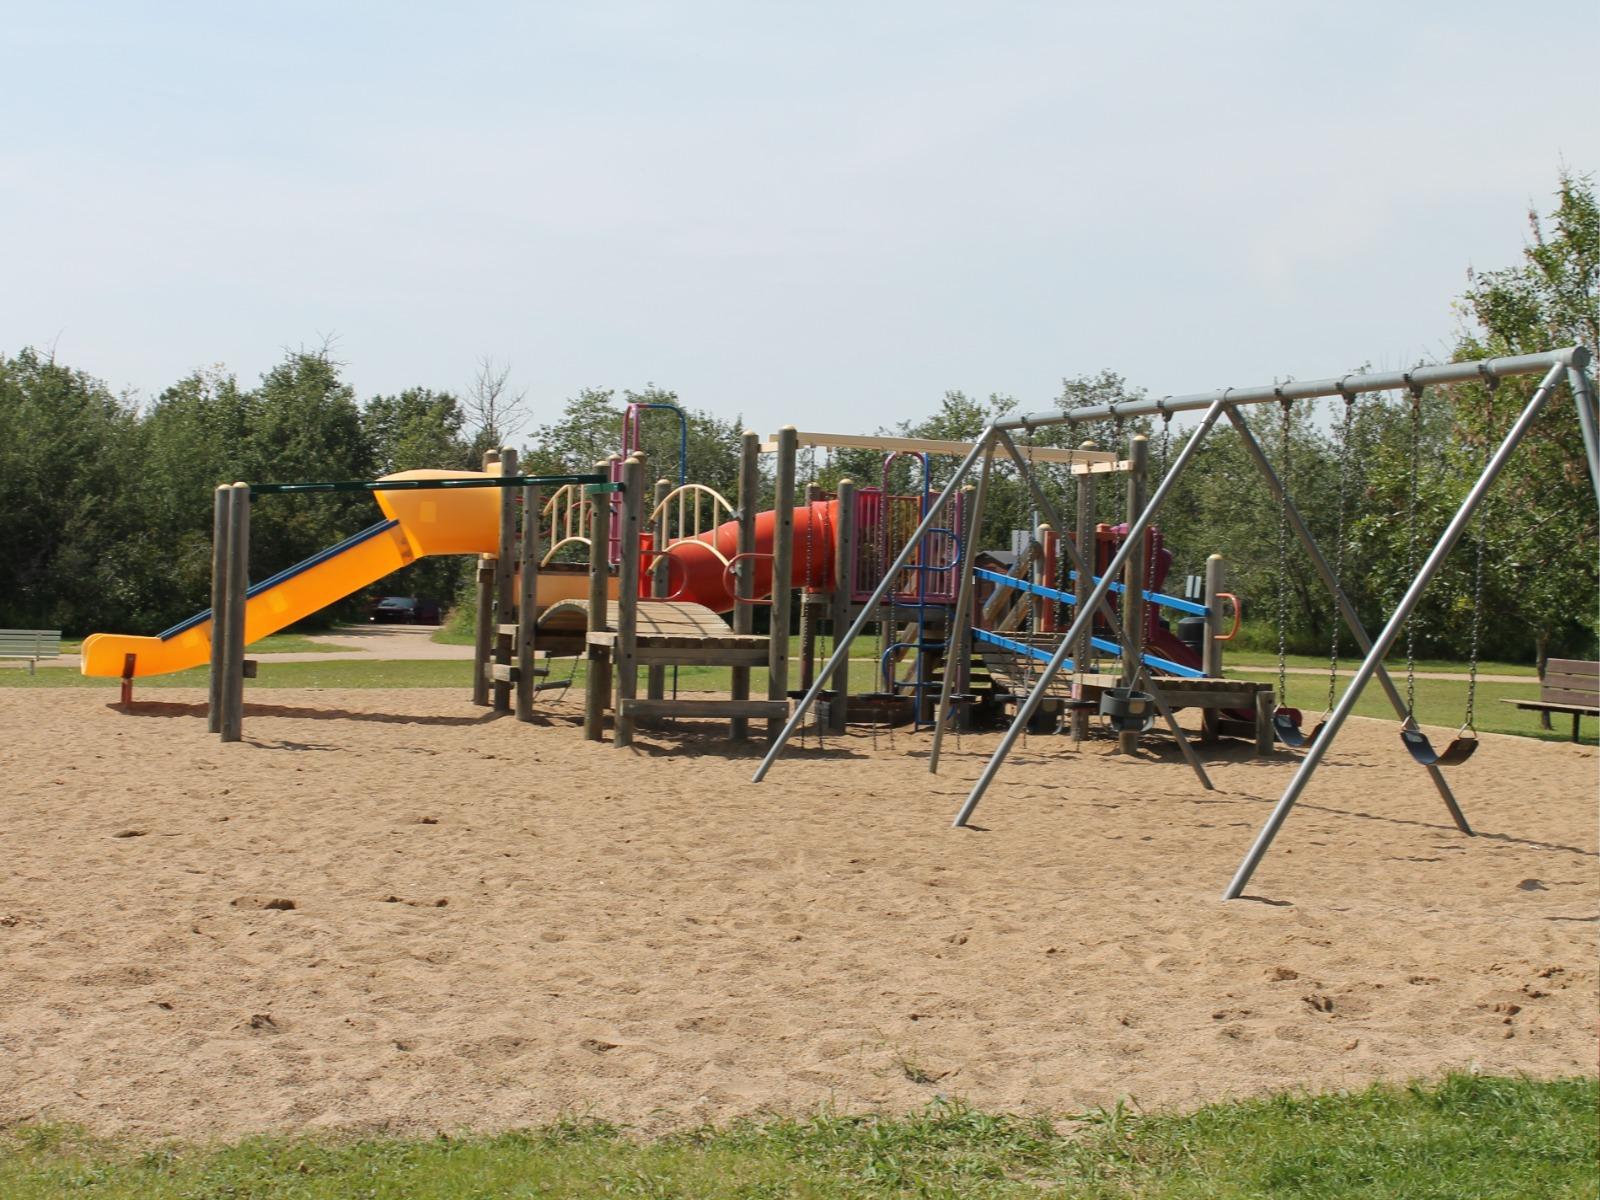 Camp Lake Park